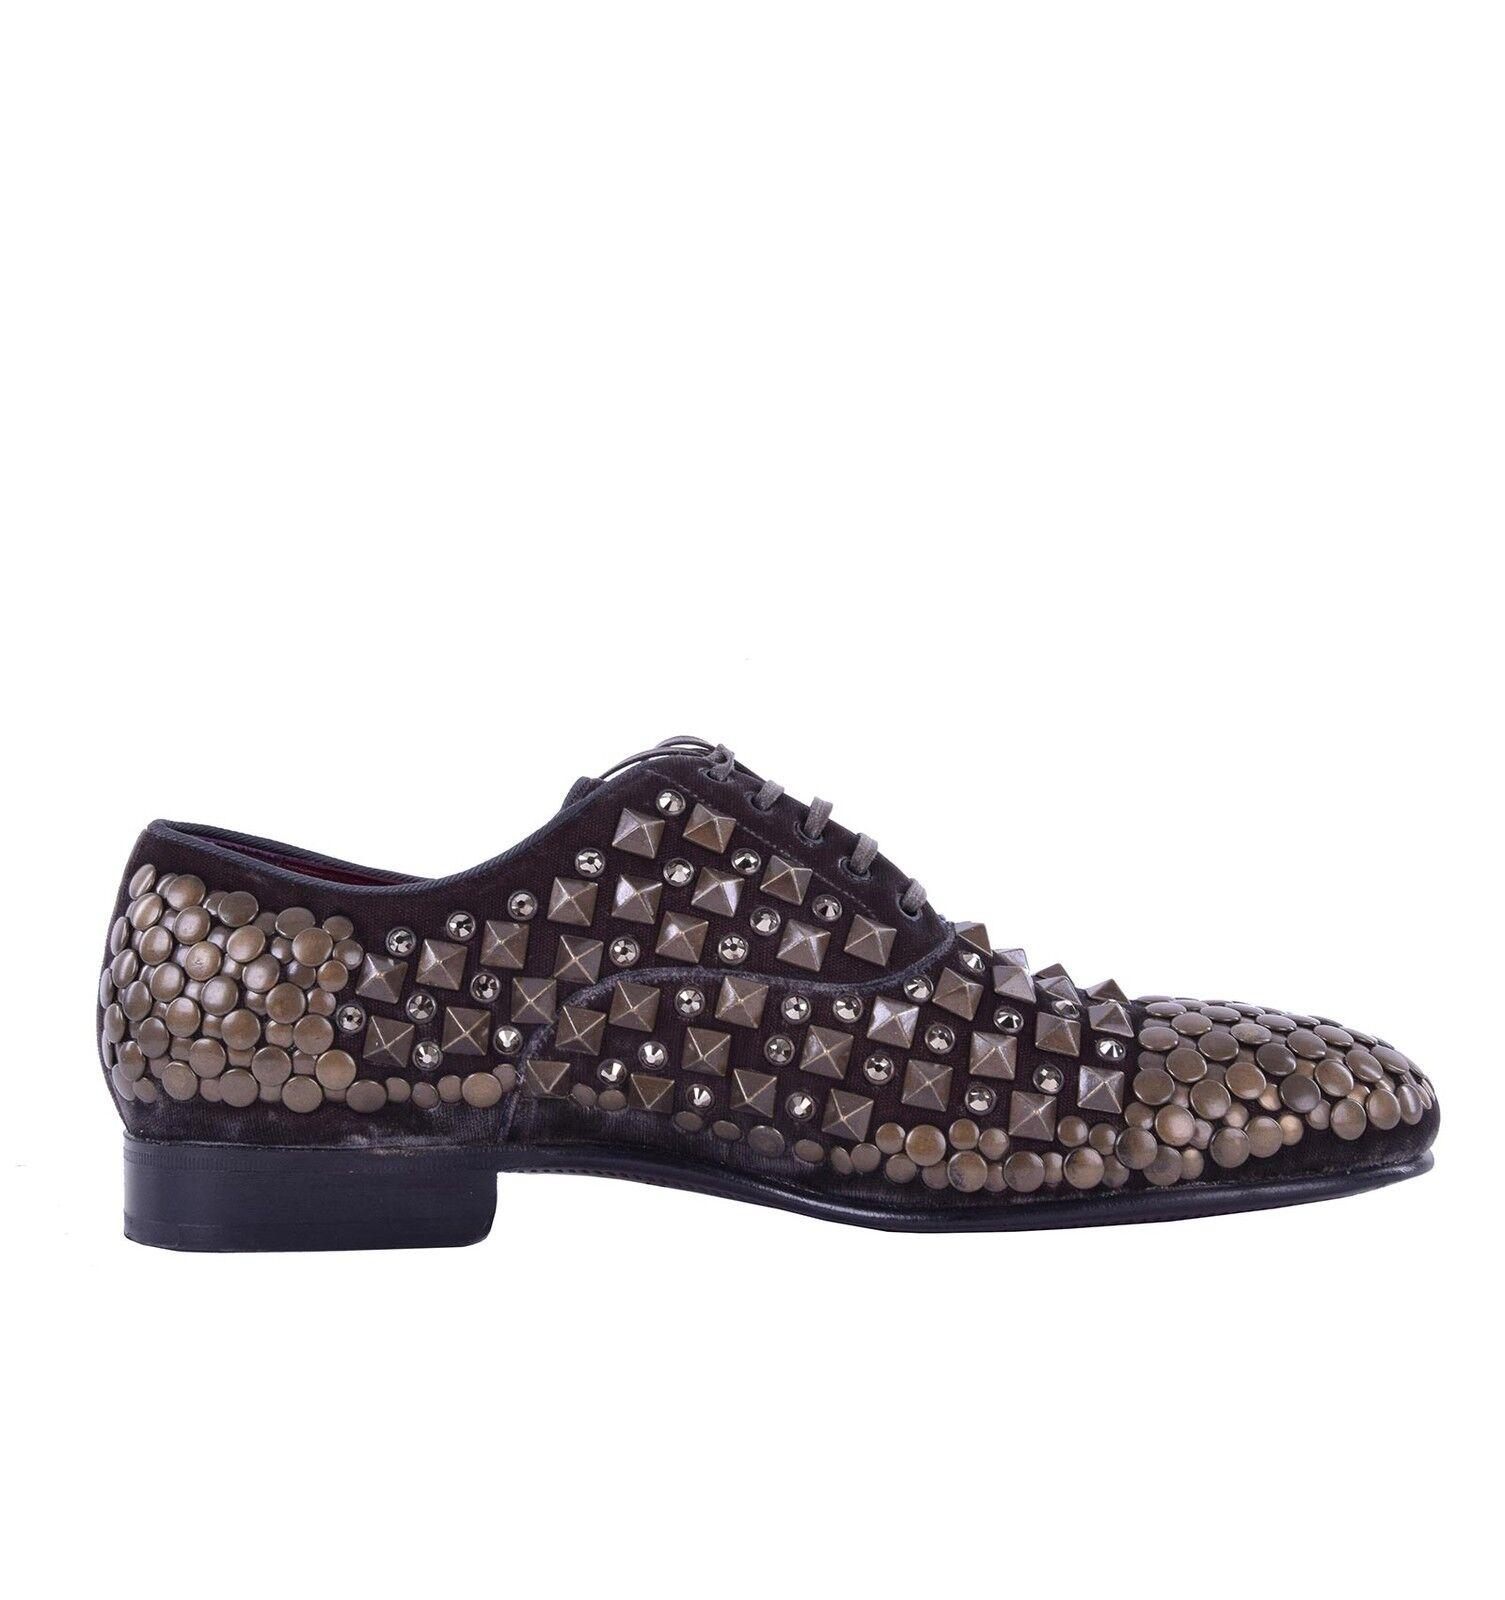 DOLCE & GABBANA RUNWAY Derby Samt Schuhe mit Nieten & Strass Braun Shoes 04901